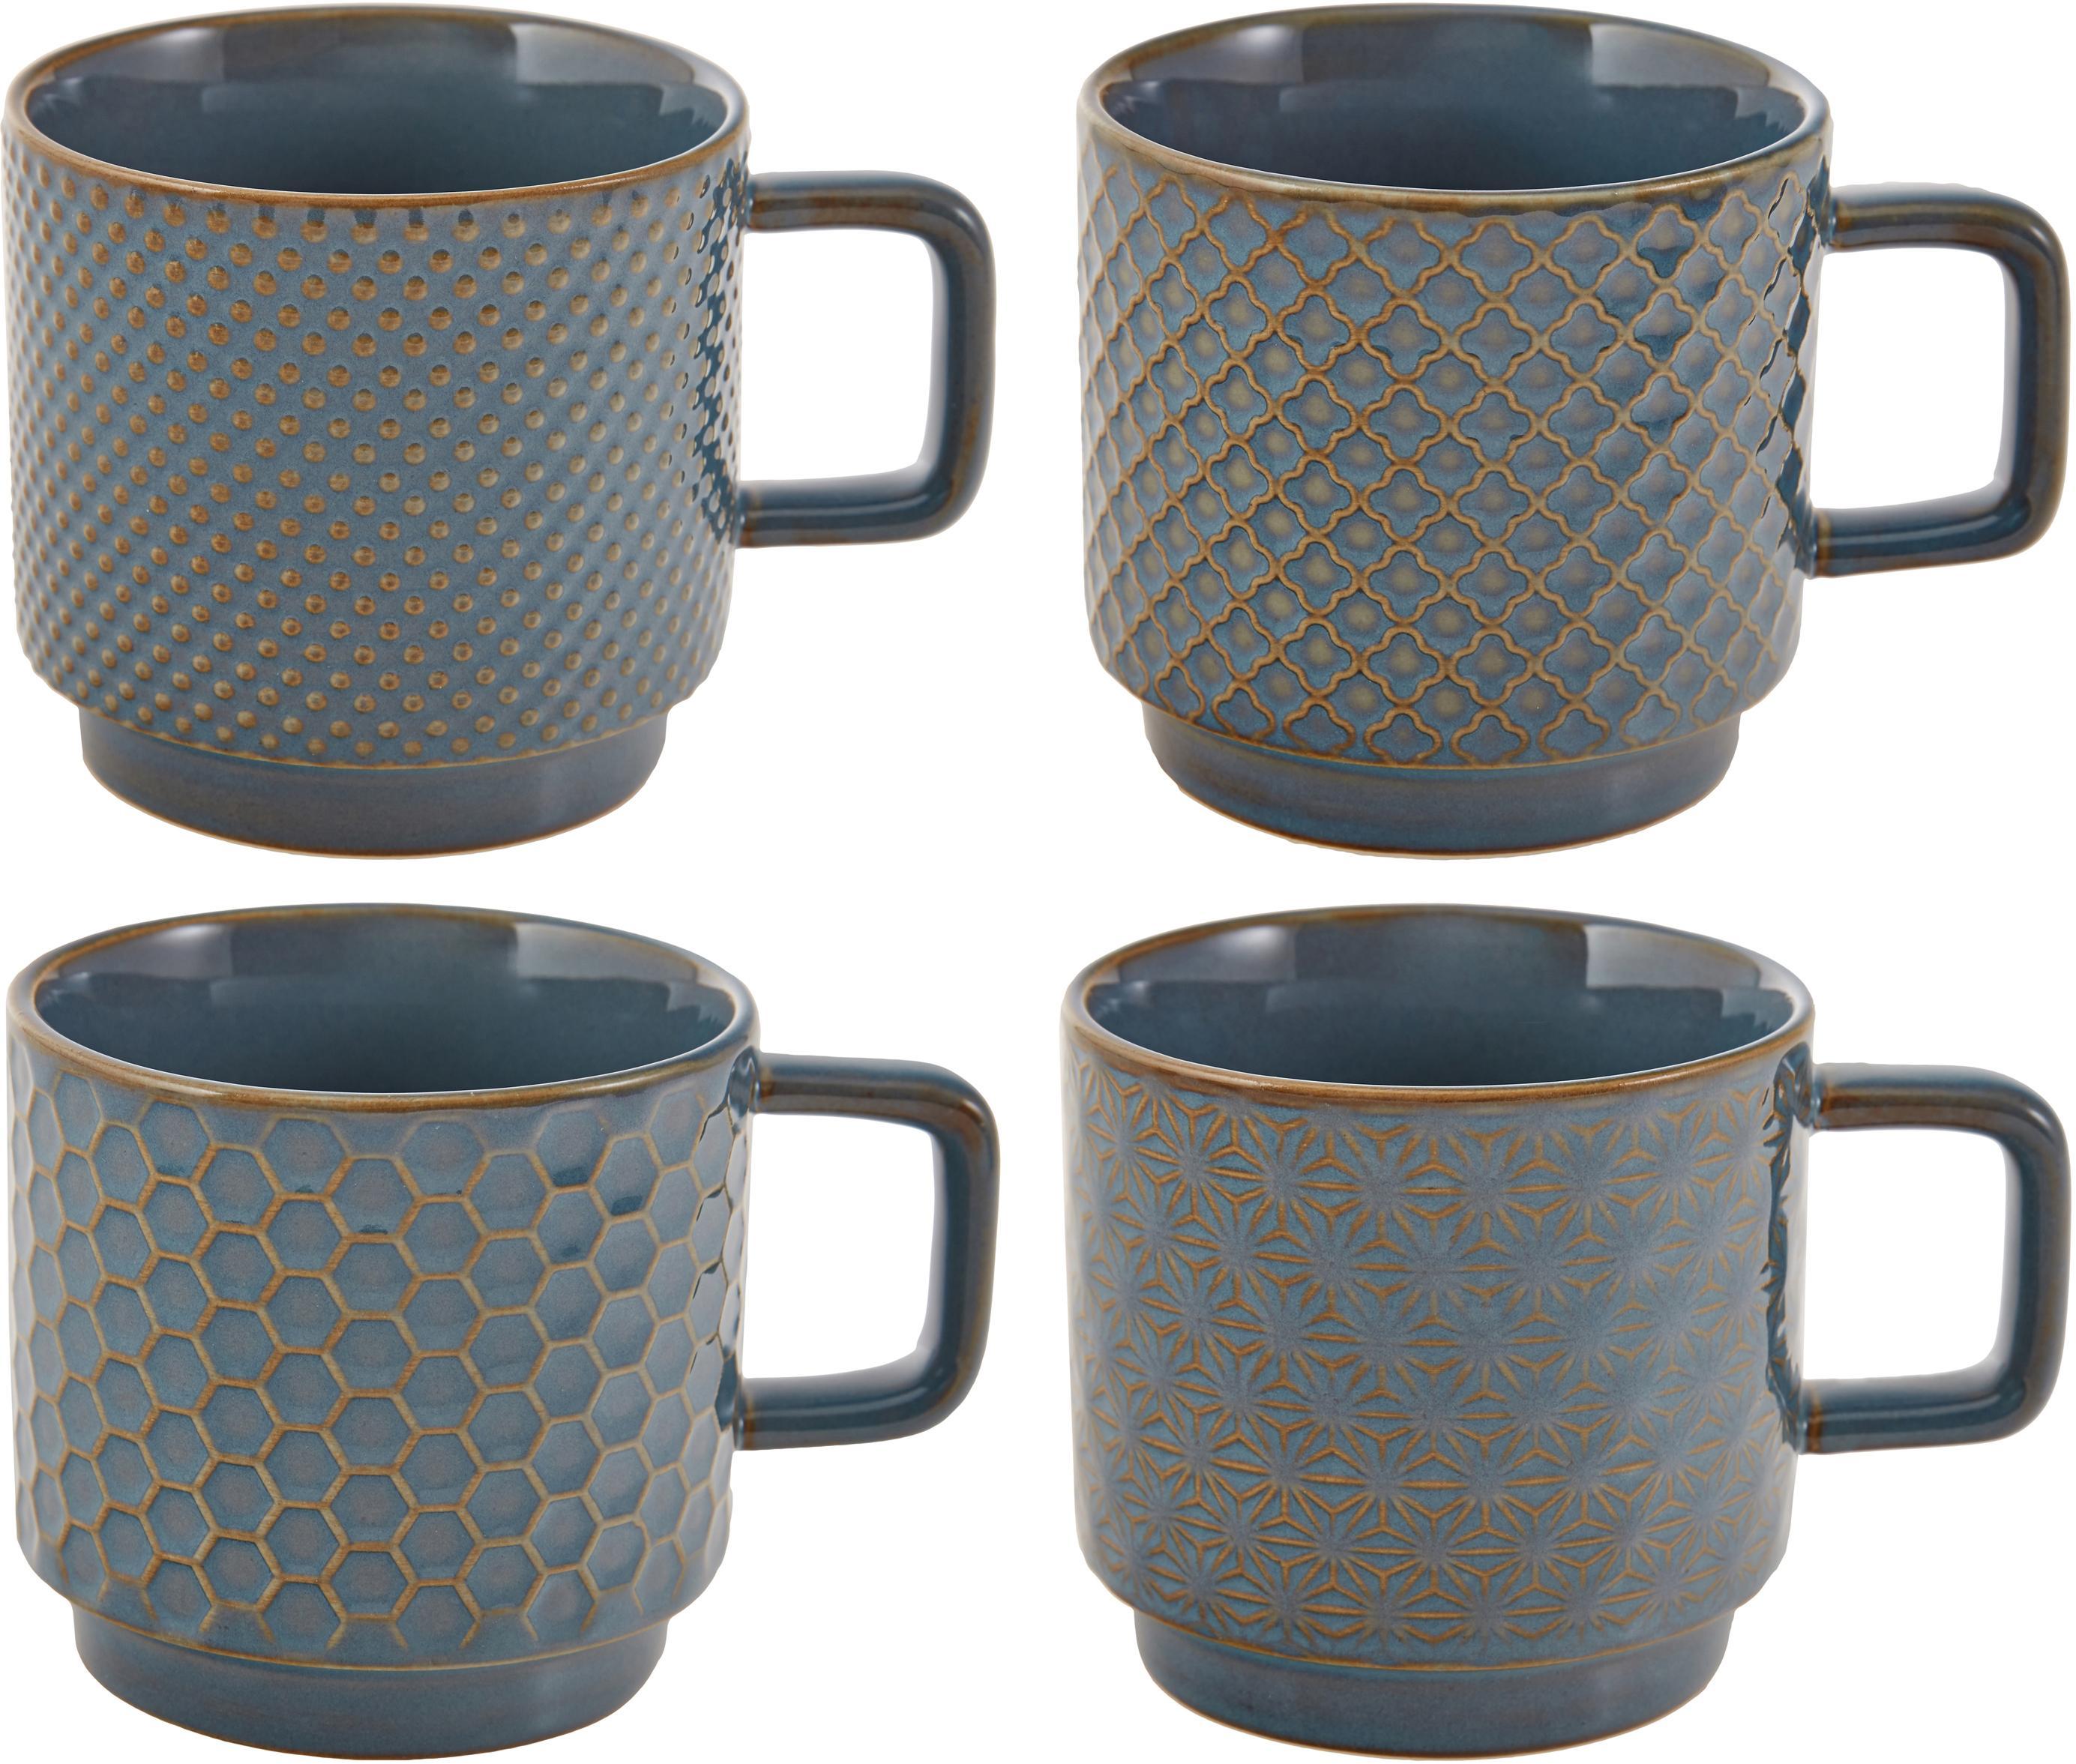 Komplet kubków Lara, 4 elem, Kamionka, Niebieskoszary, brązowy, Ø 8 x W 8 cm